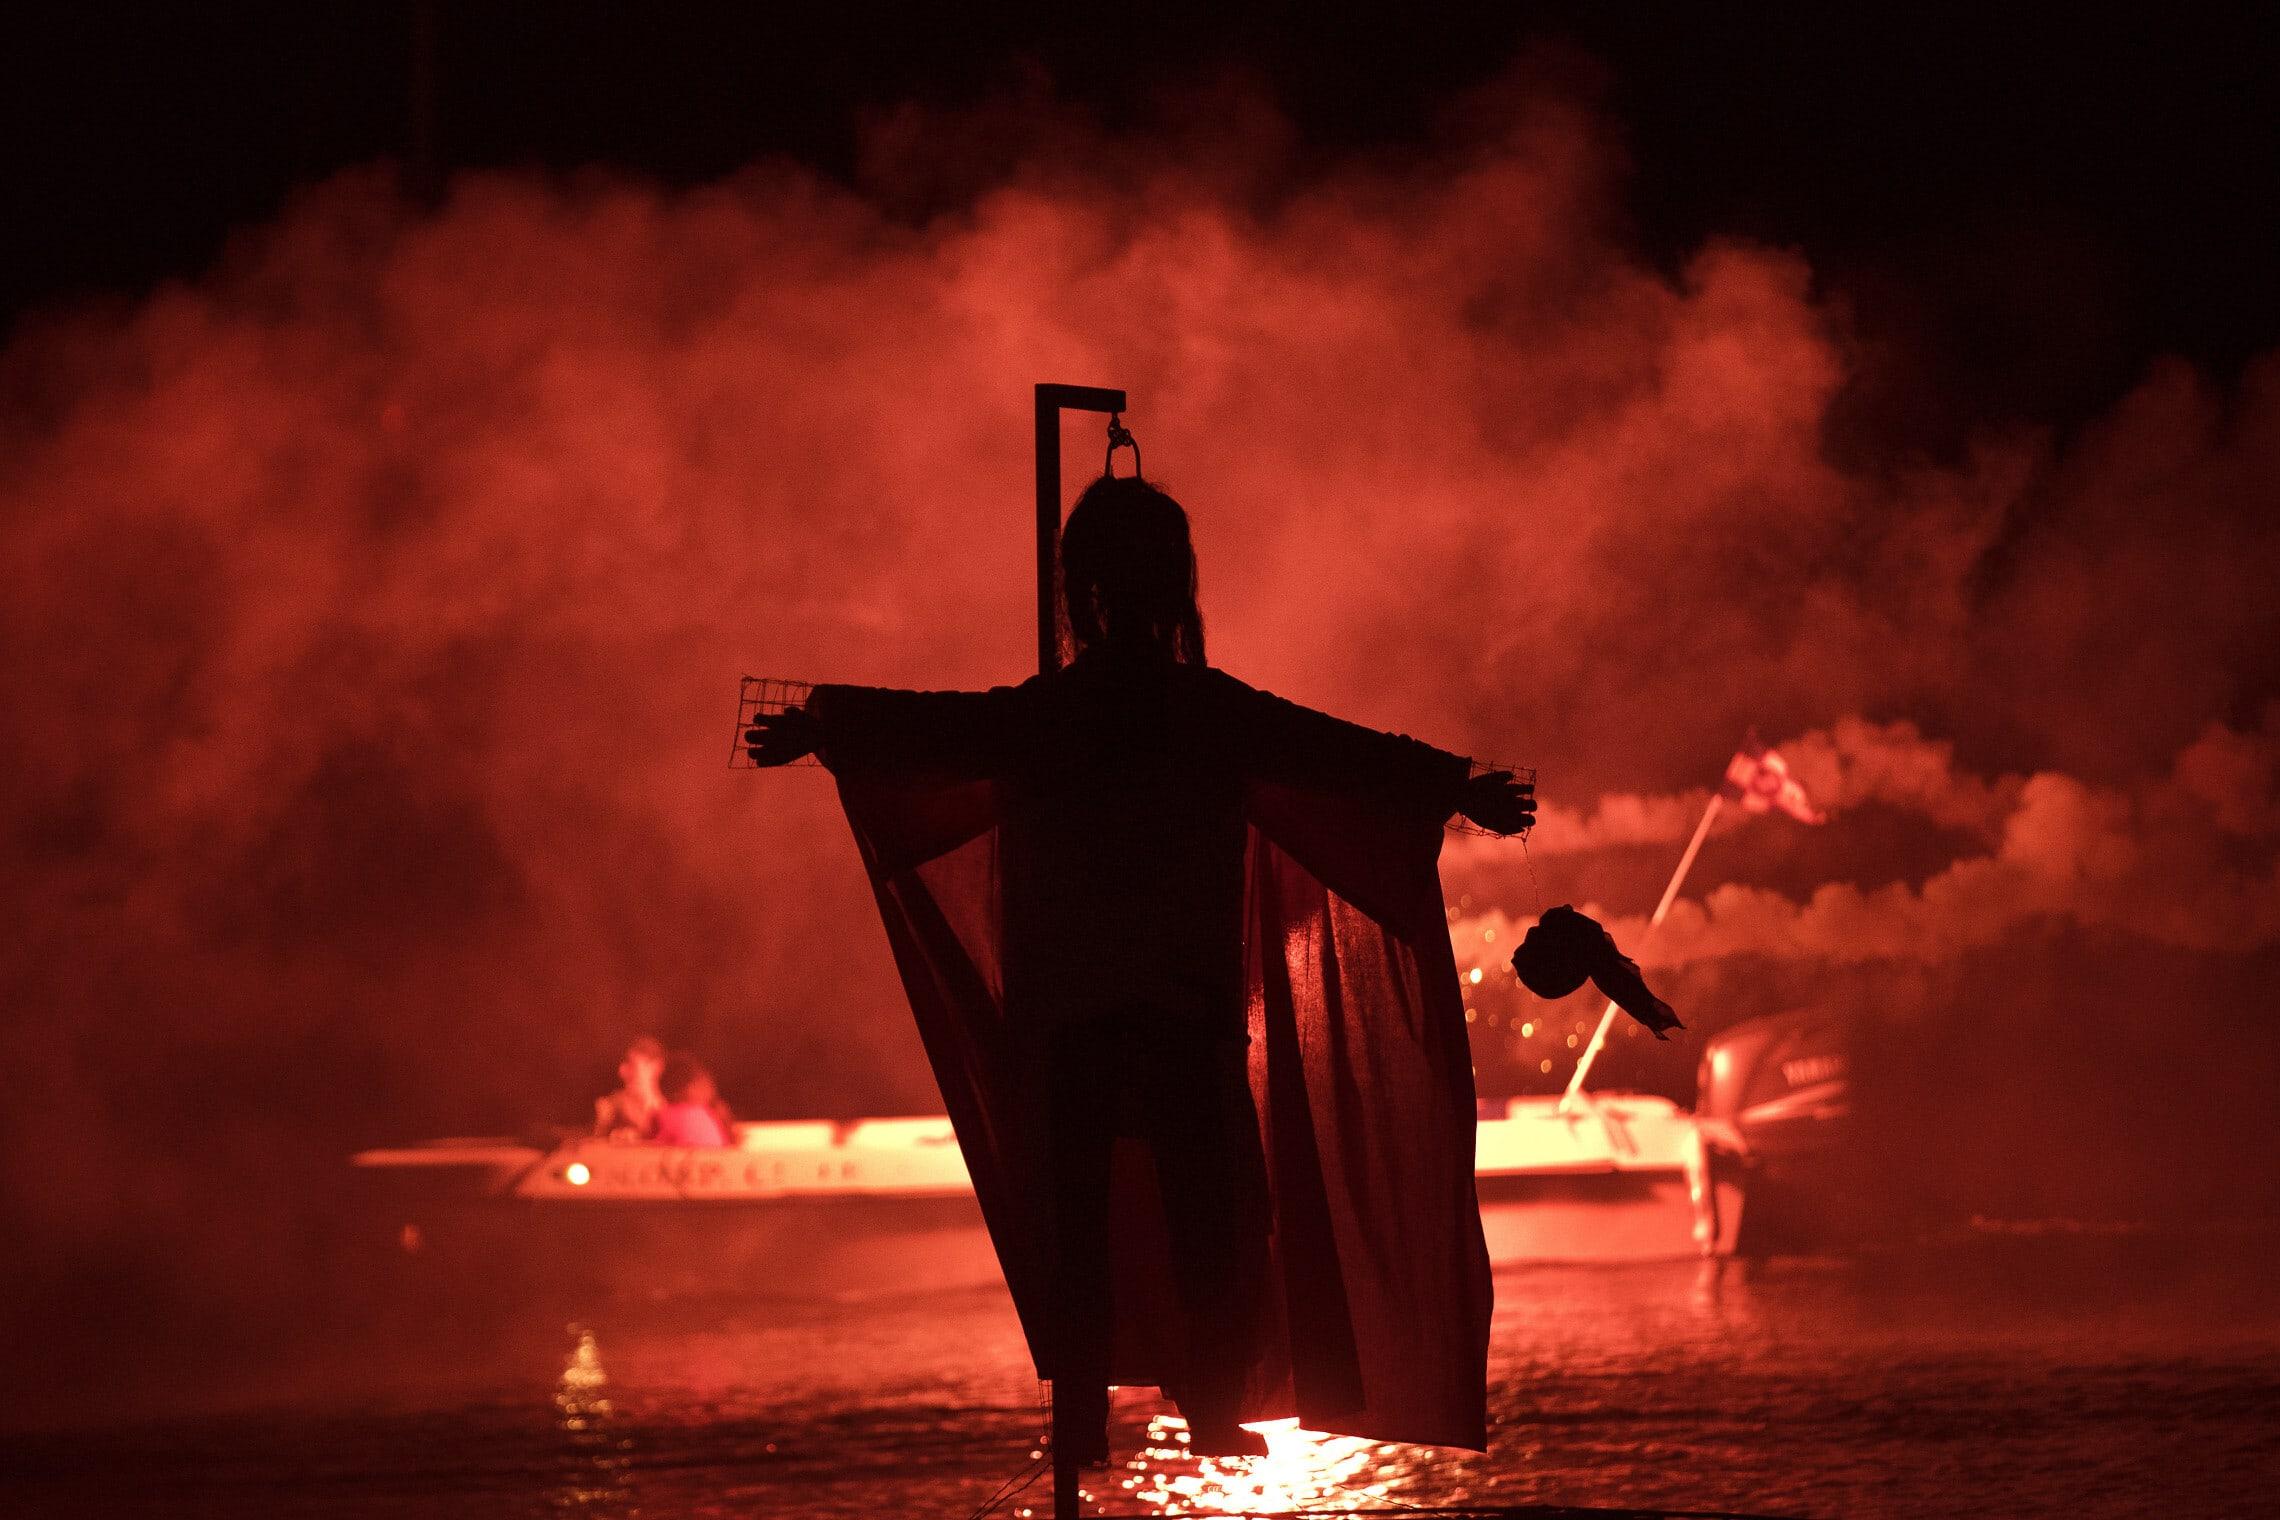 טקס העלאת יהודה איש קריות על המוקד ביוון בחג הפסחא, 8 באפריל 2018 (צילום: AP Photo/Petros Giannakouris)